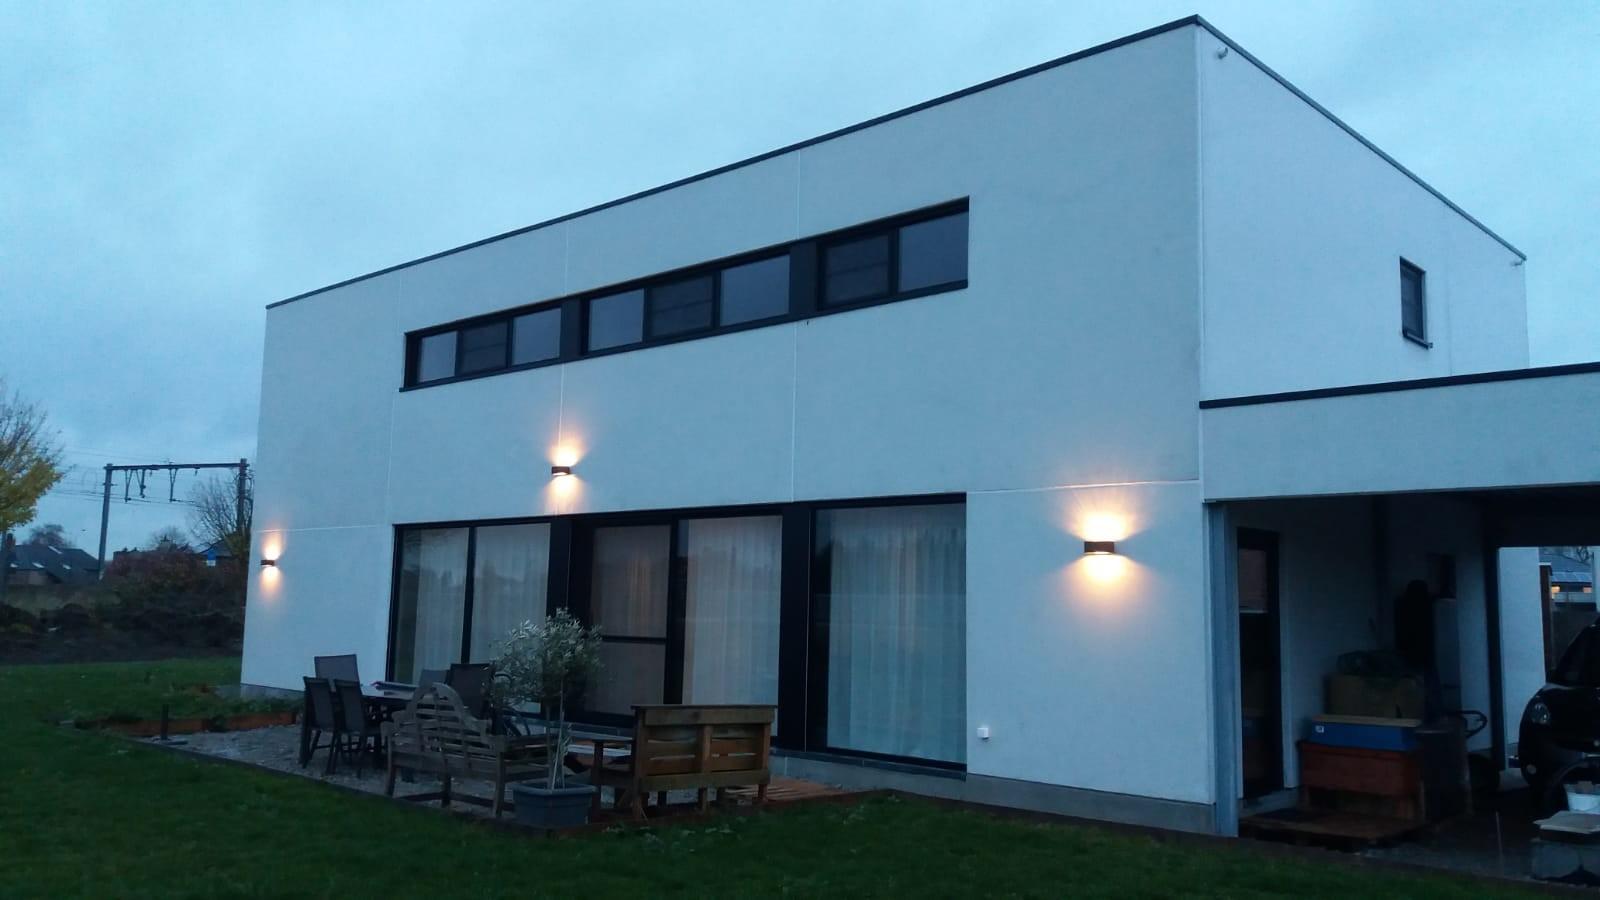 Woning met witte betonpanelen